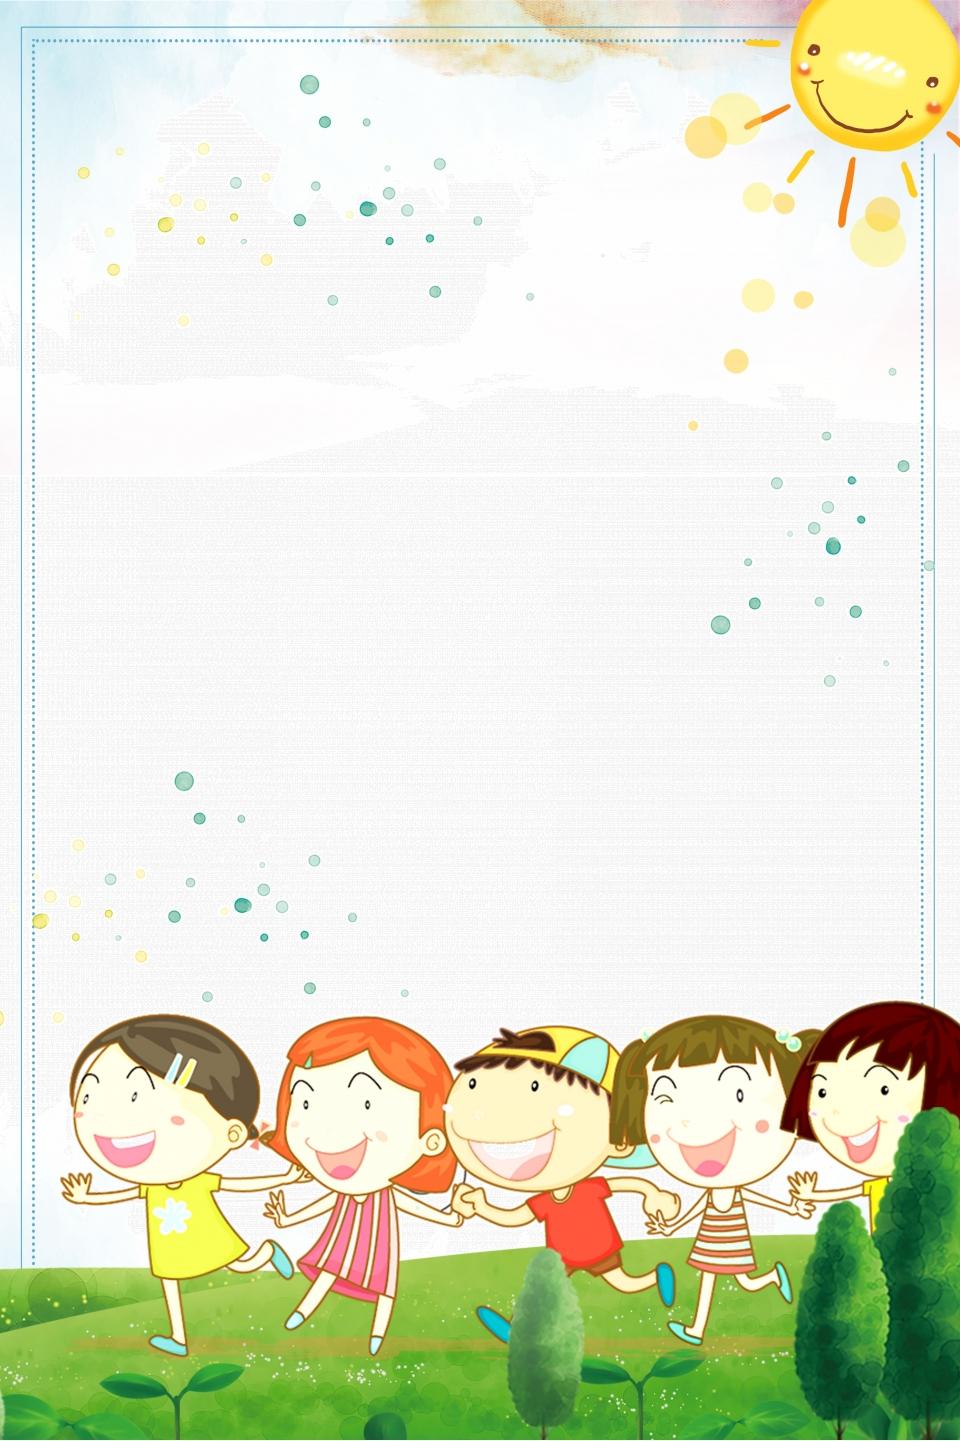 Wallpaper Kartun Kanak Kanak